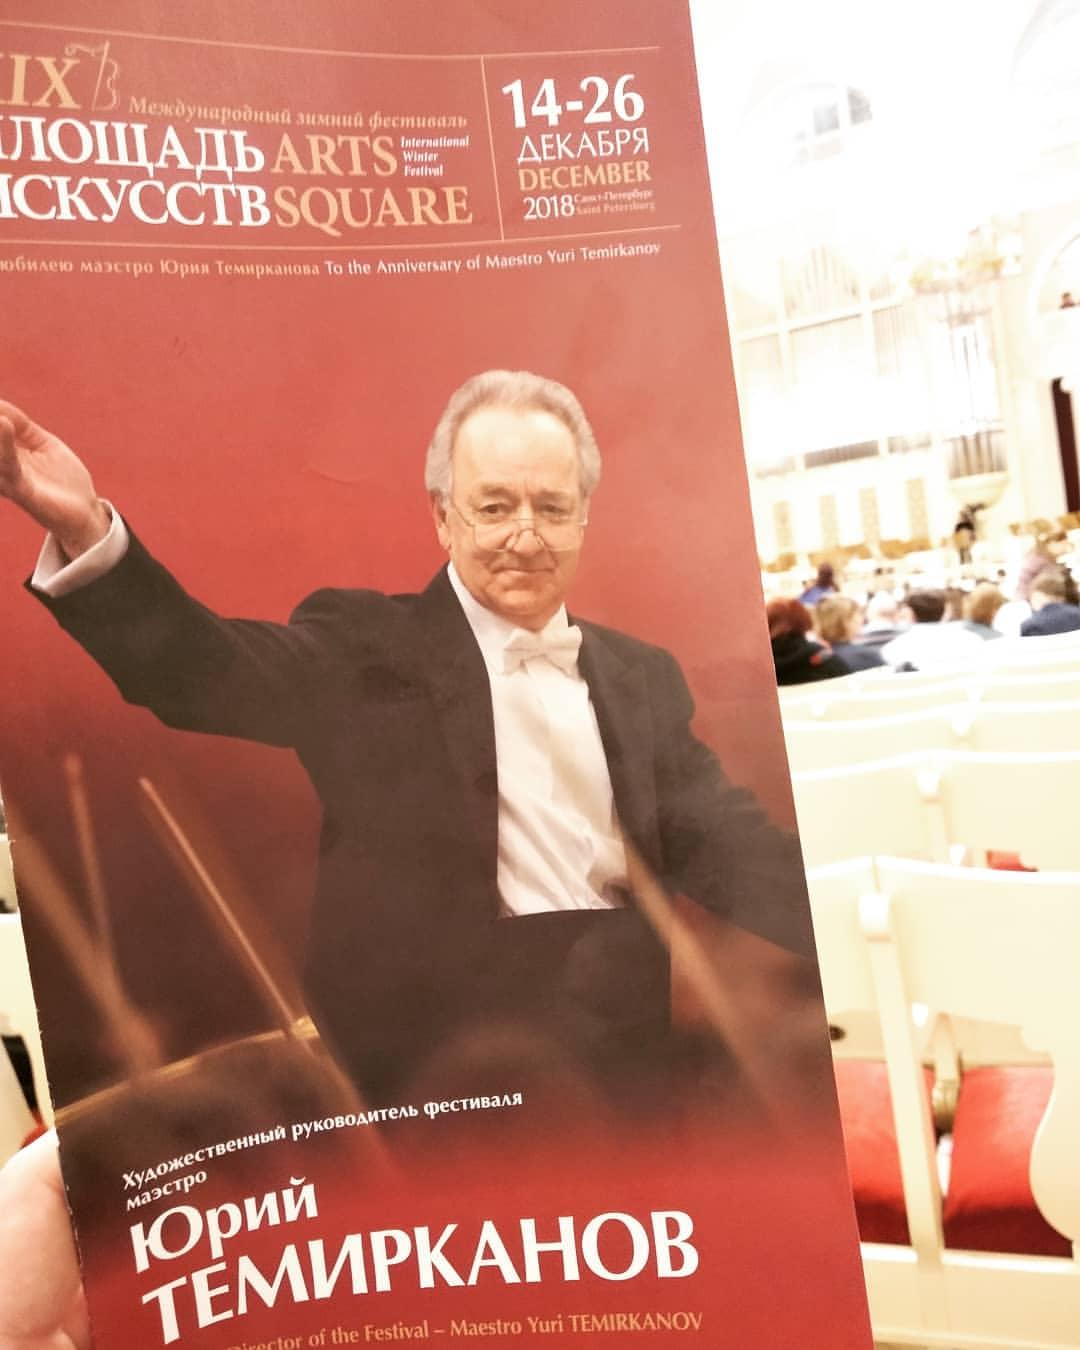 XIX Международный зимний фестиваль «Площадь искусств» прошел под знаком юбилея Юрия Темирканова